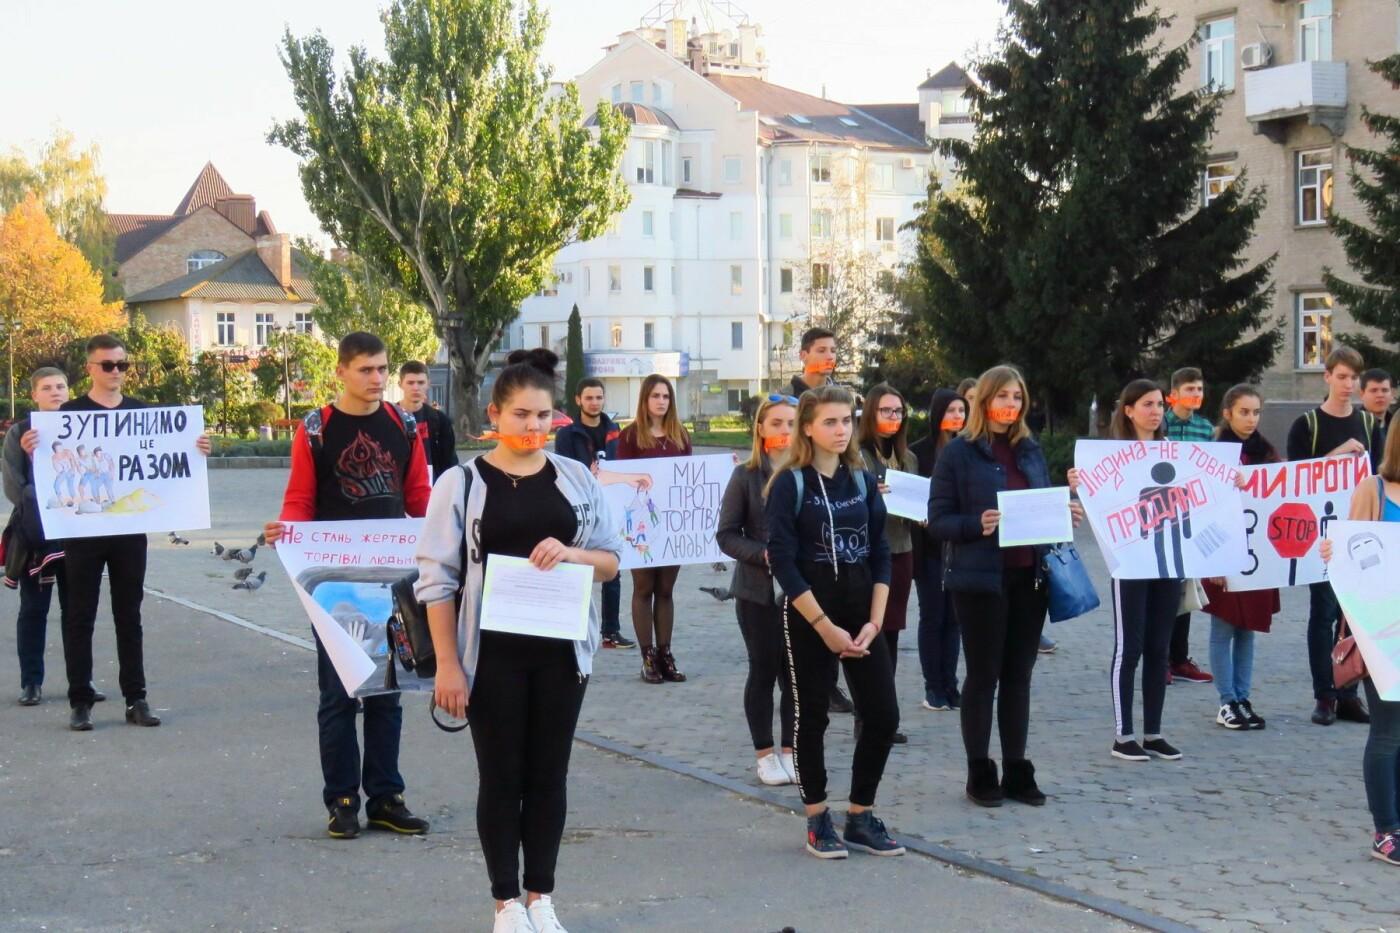 Студенти Білої Церкви вийшли на марш проти торгівлі людьми , фото-6